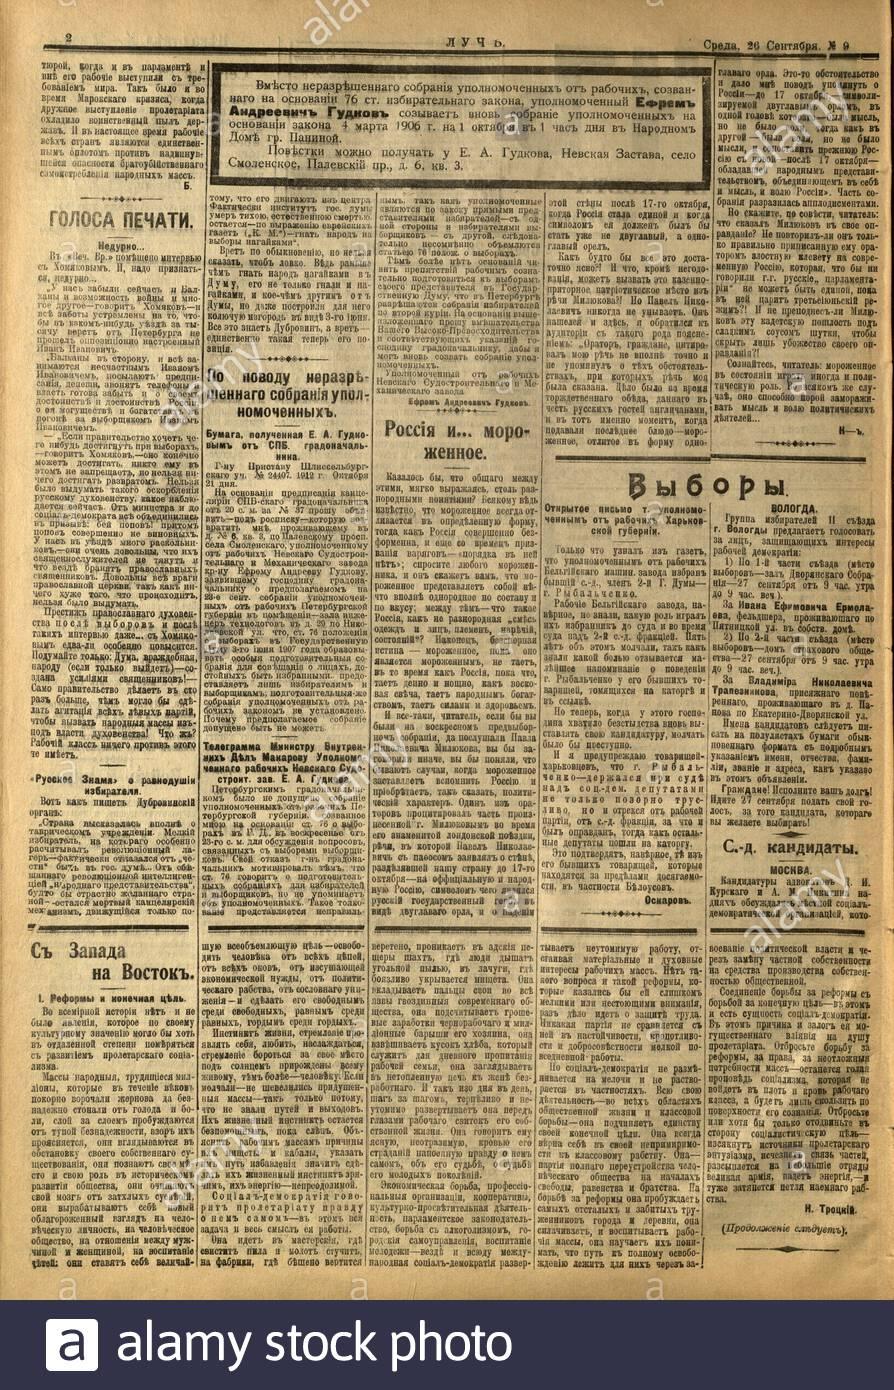 Русский: Луч № 9 (Газета, 26 Сентября 1912); 26 September For Mexican Calendar With Saints Names